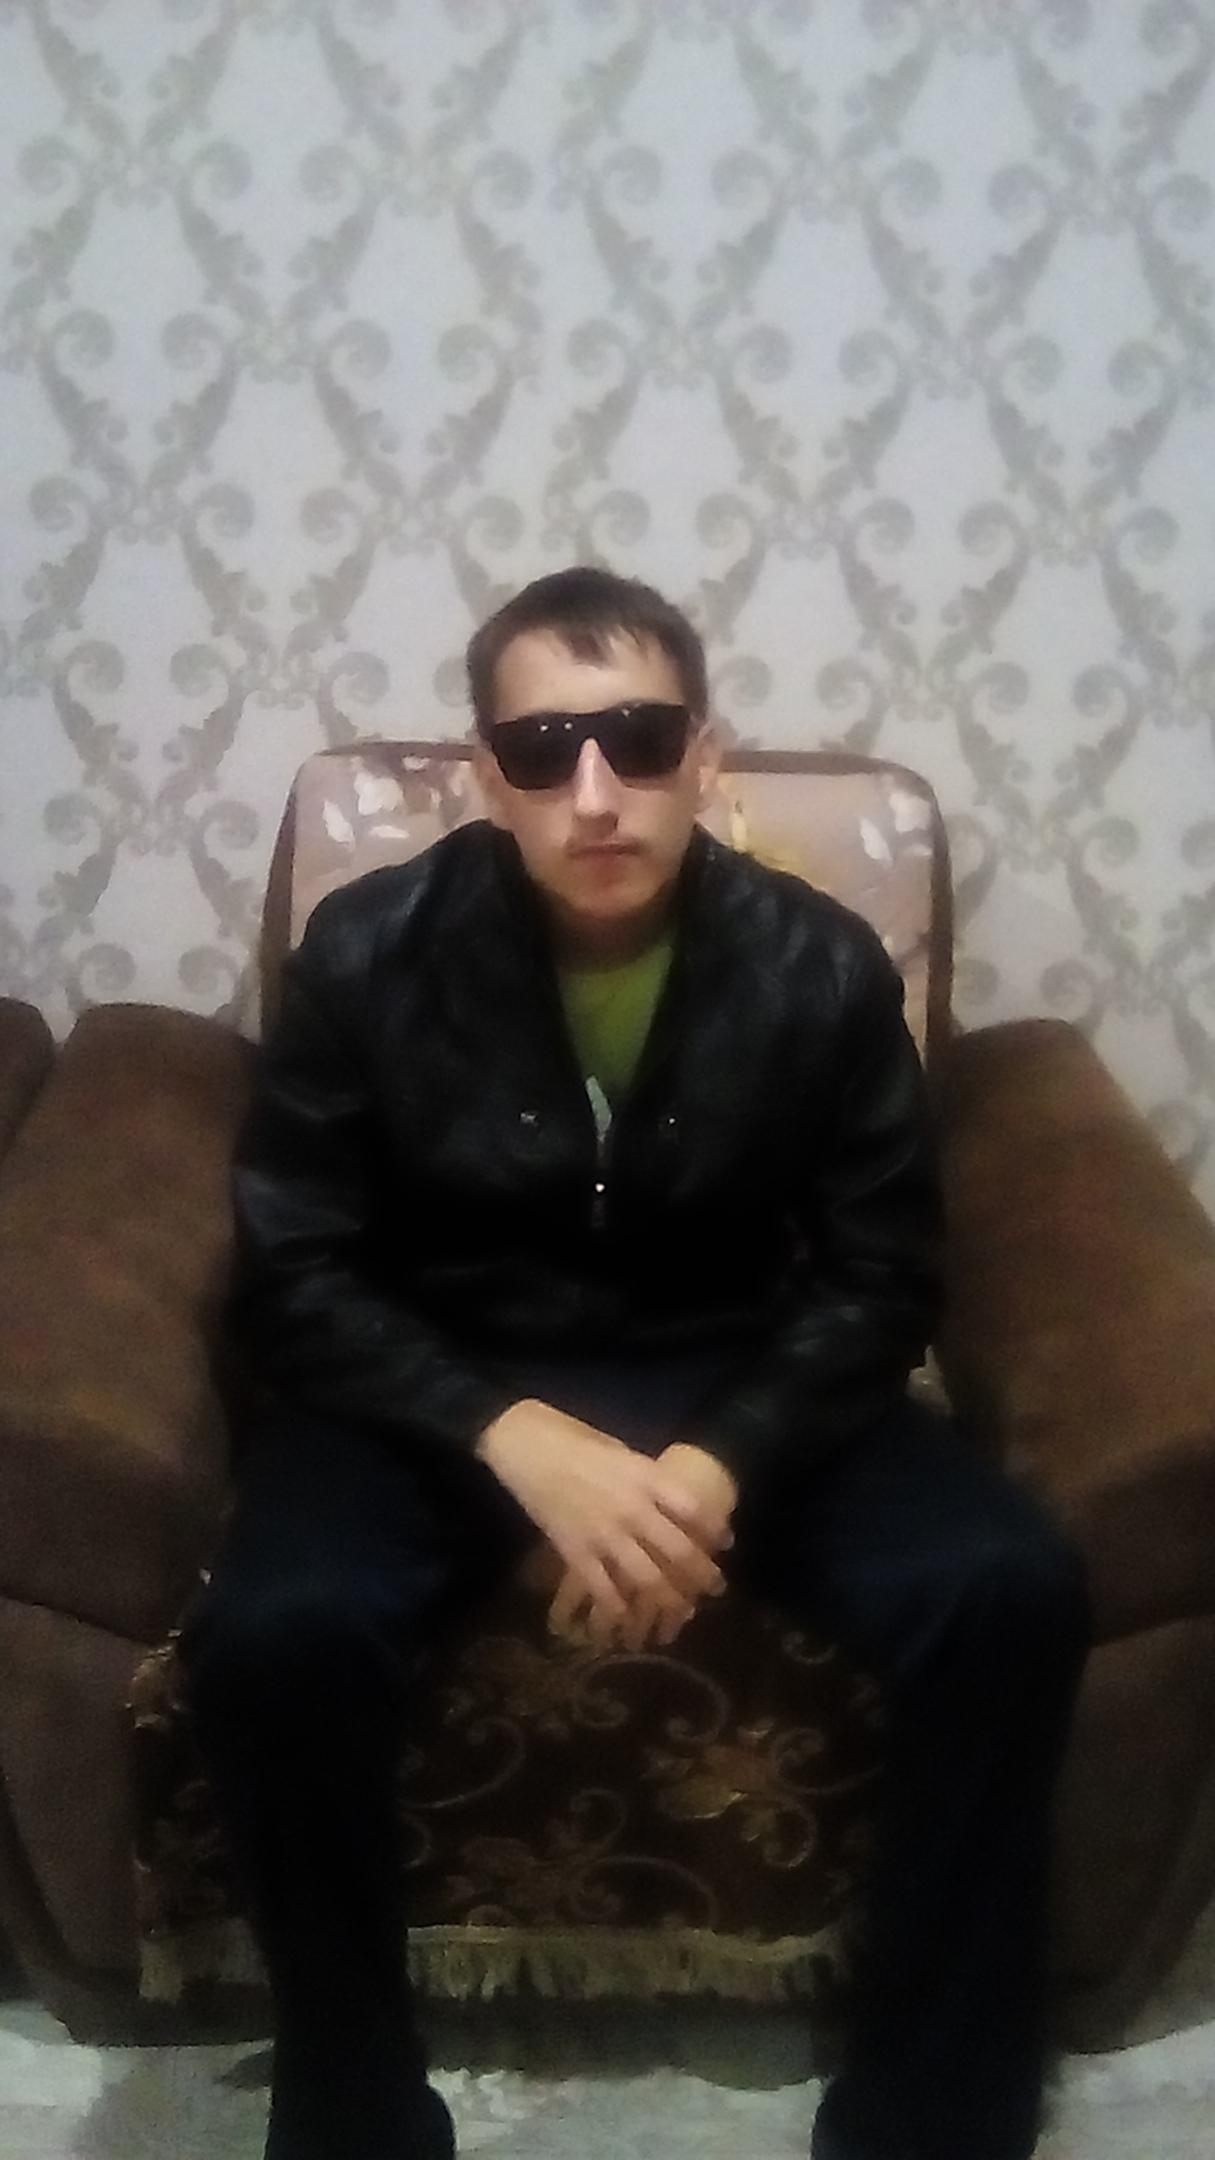 Dima, 18, Ulyanovsk